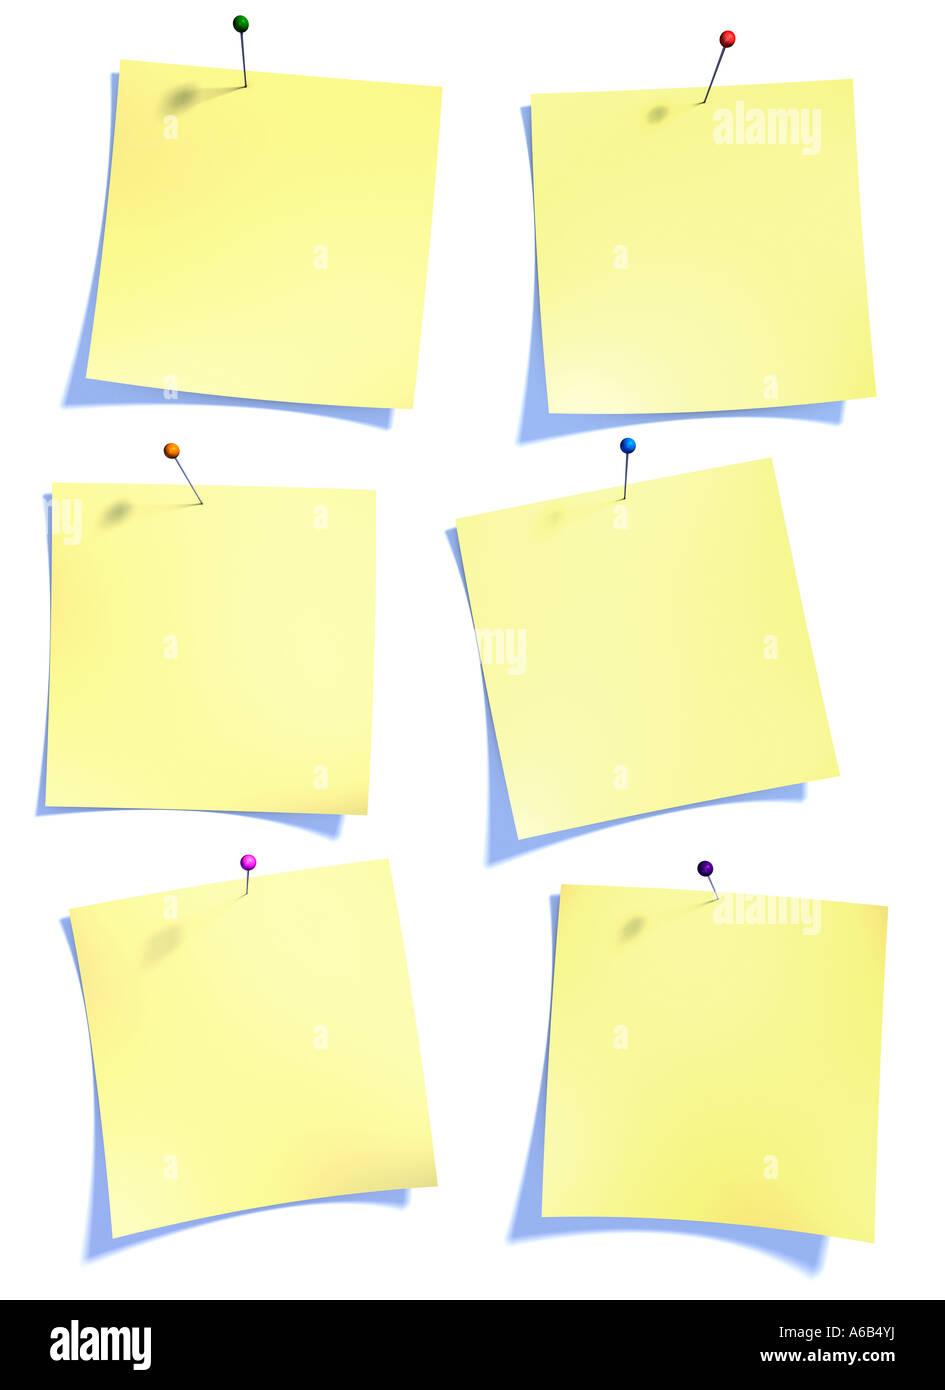 Papel post es símbolo de la oficina de información storrage foro blog Foto de stock